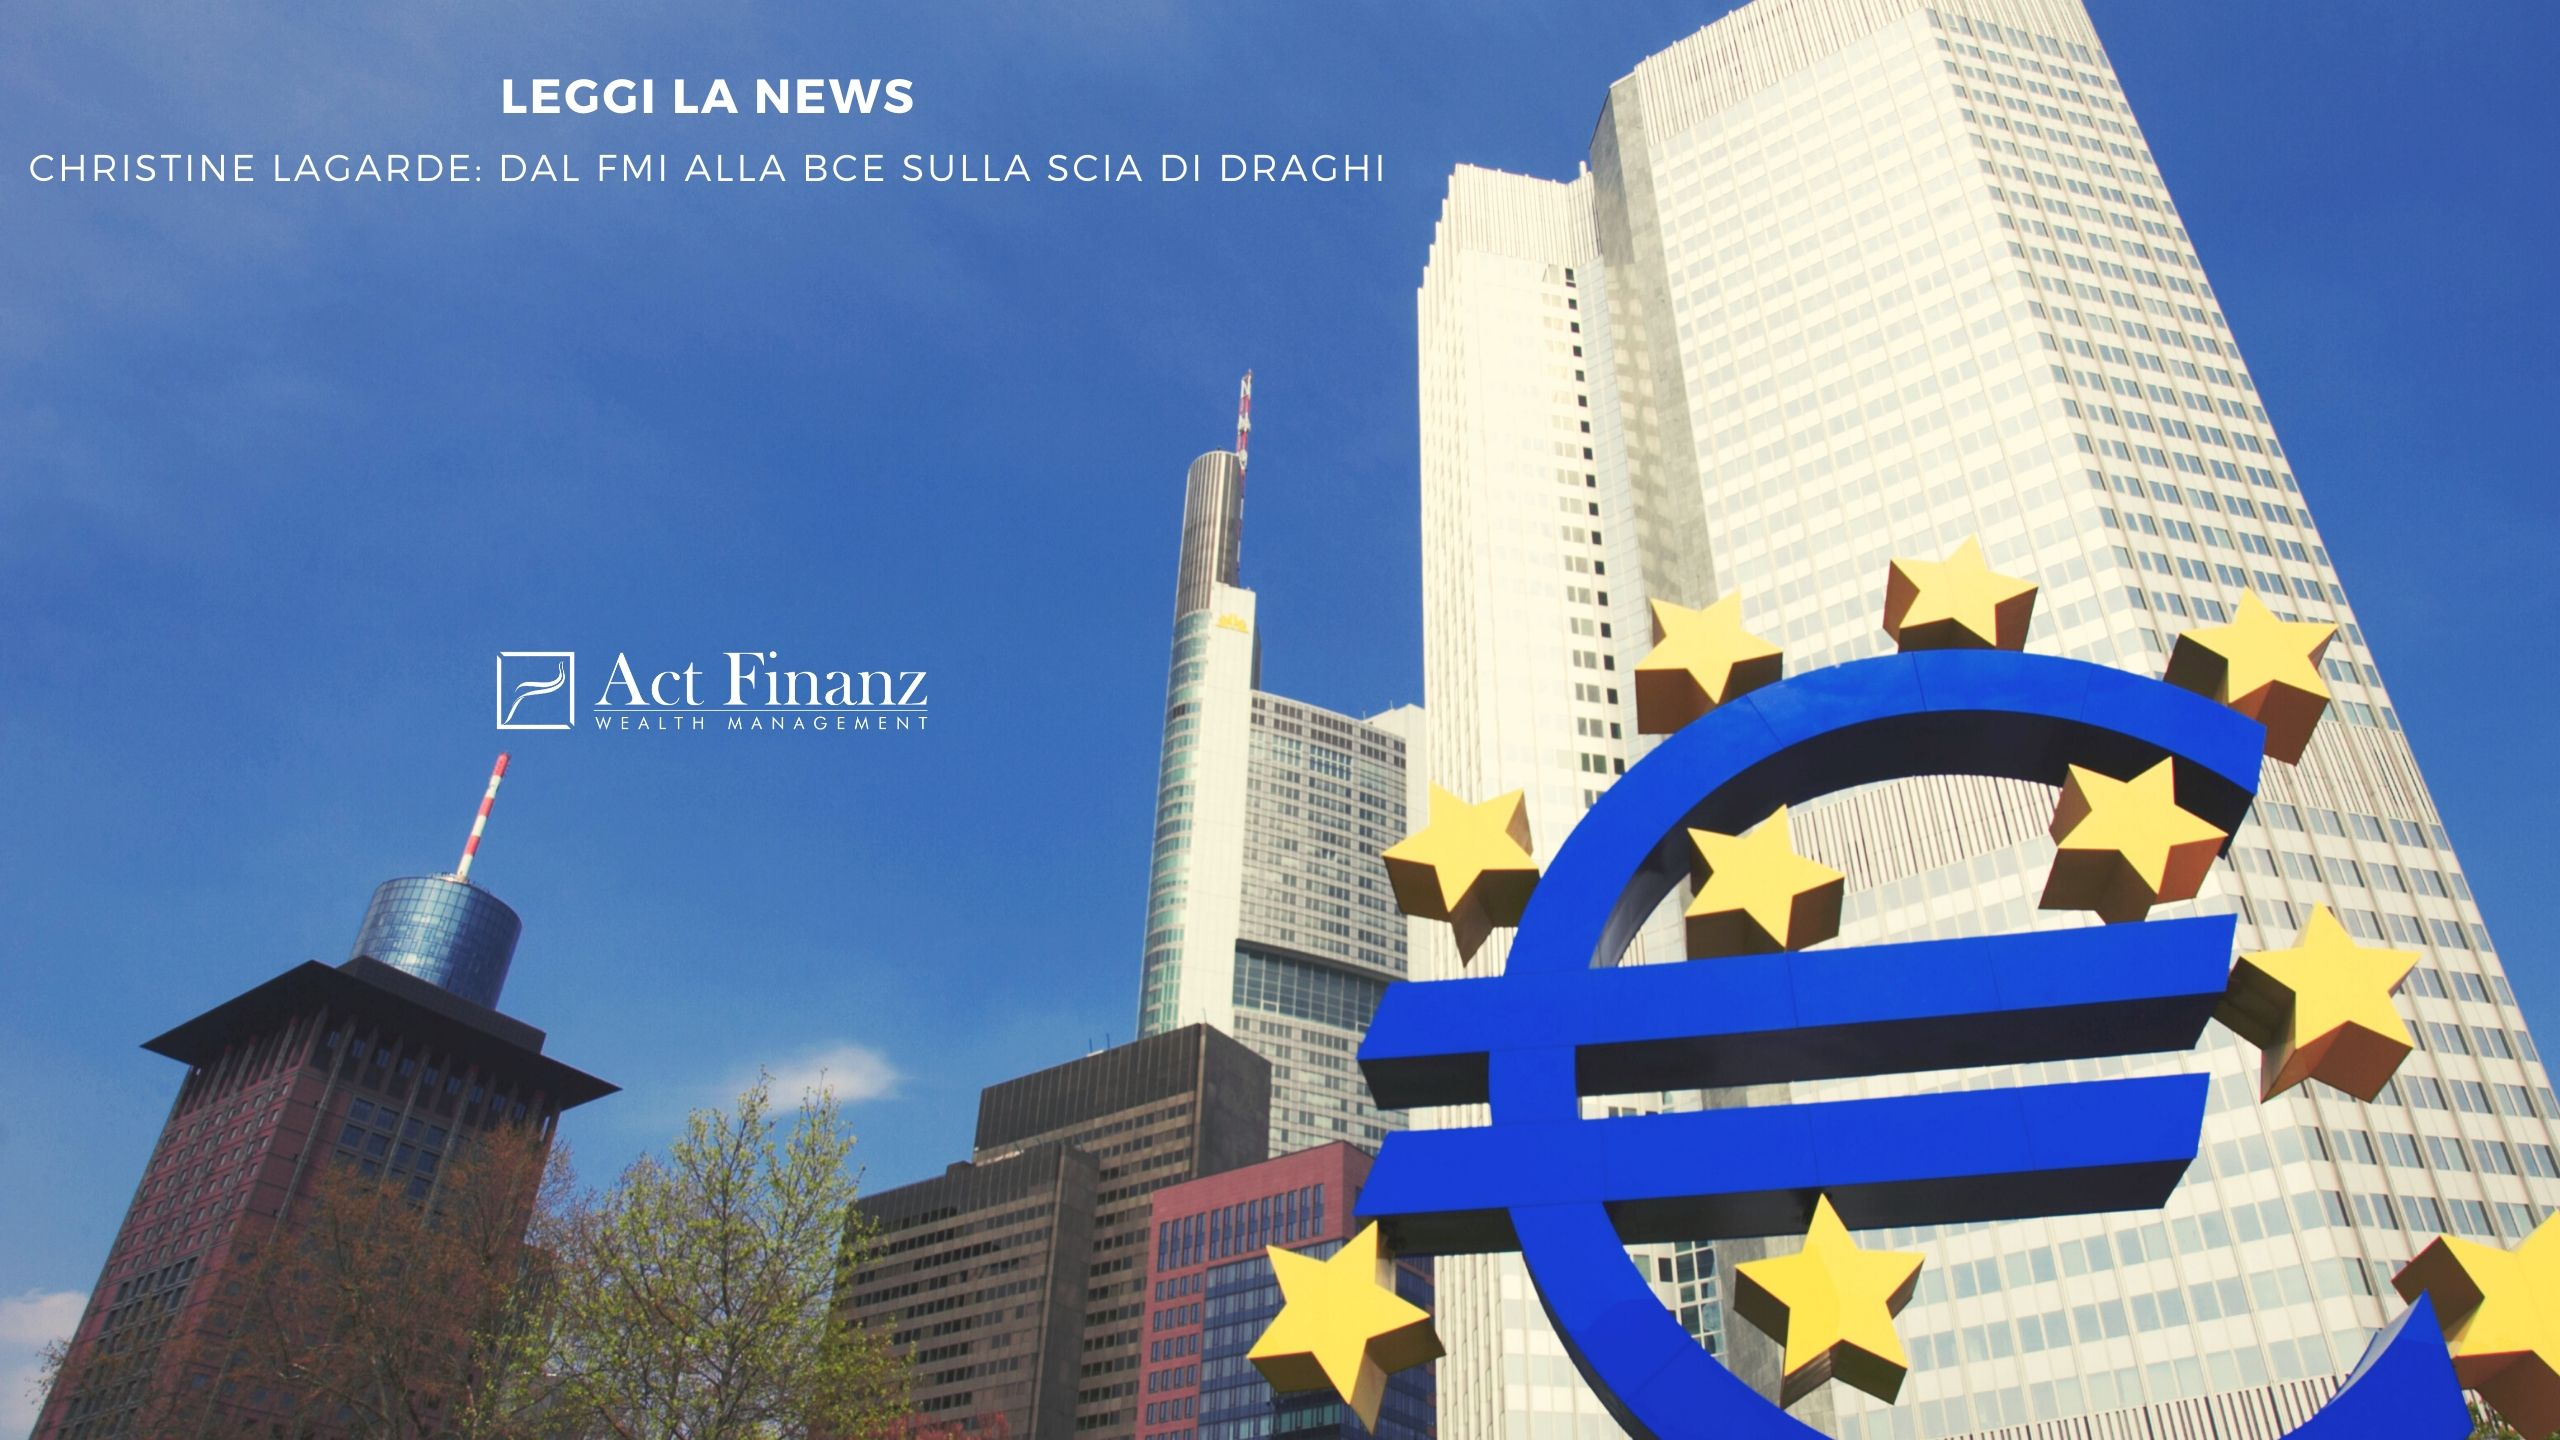 Christine Lagarde_ DAL FMI ALLA BCE SULLA SCIA DI DRAGHI - Act finanz gestori patrimoniali